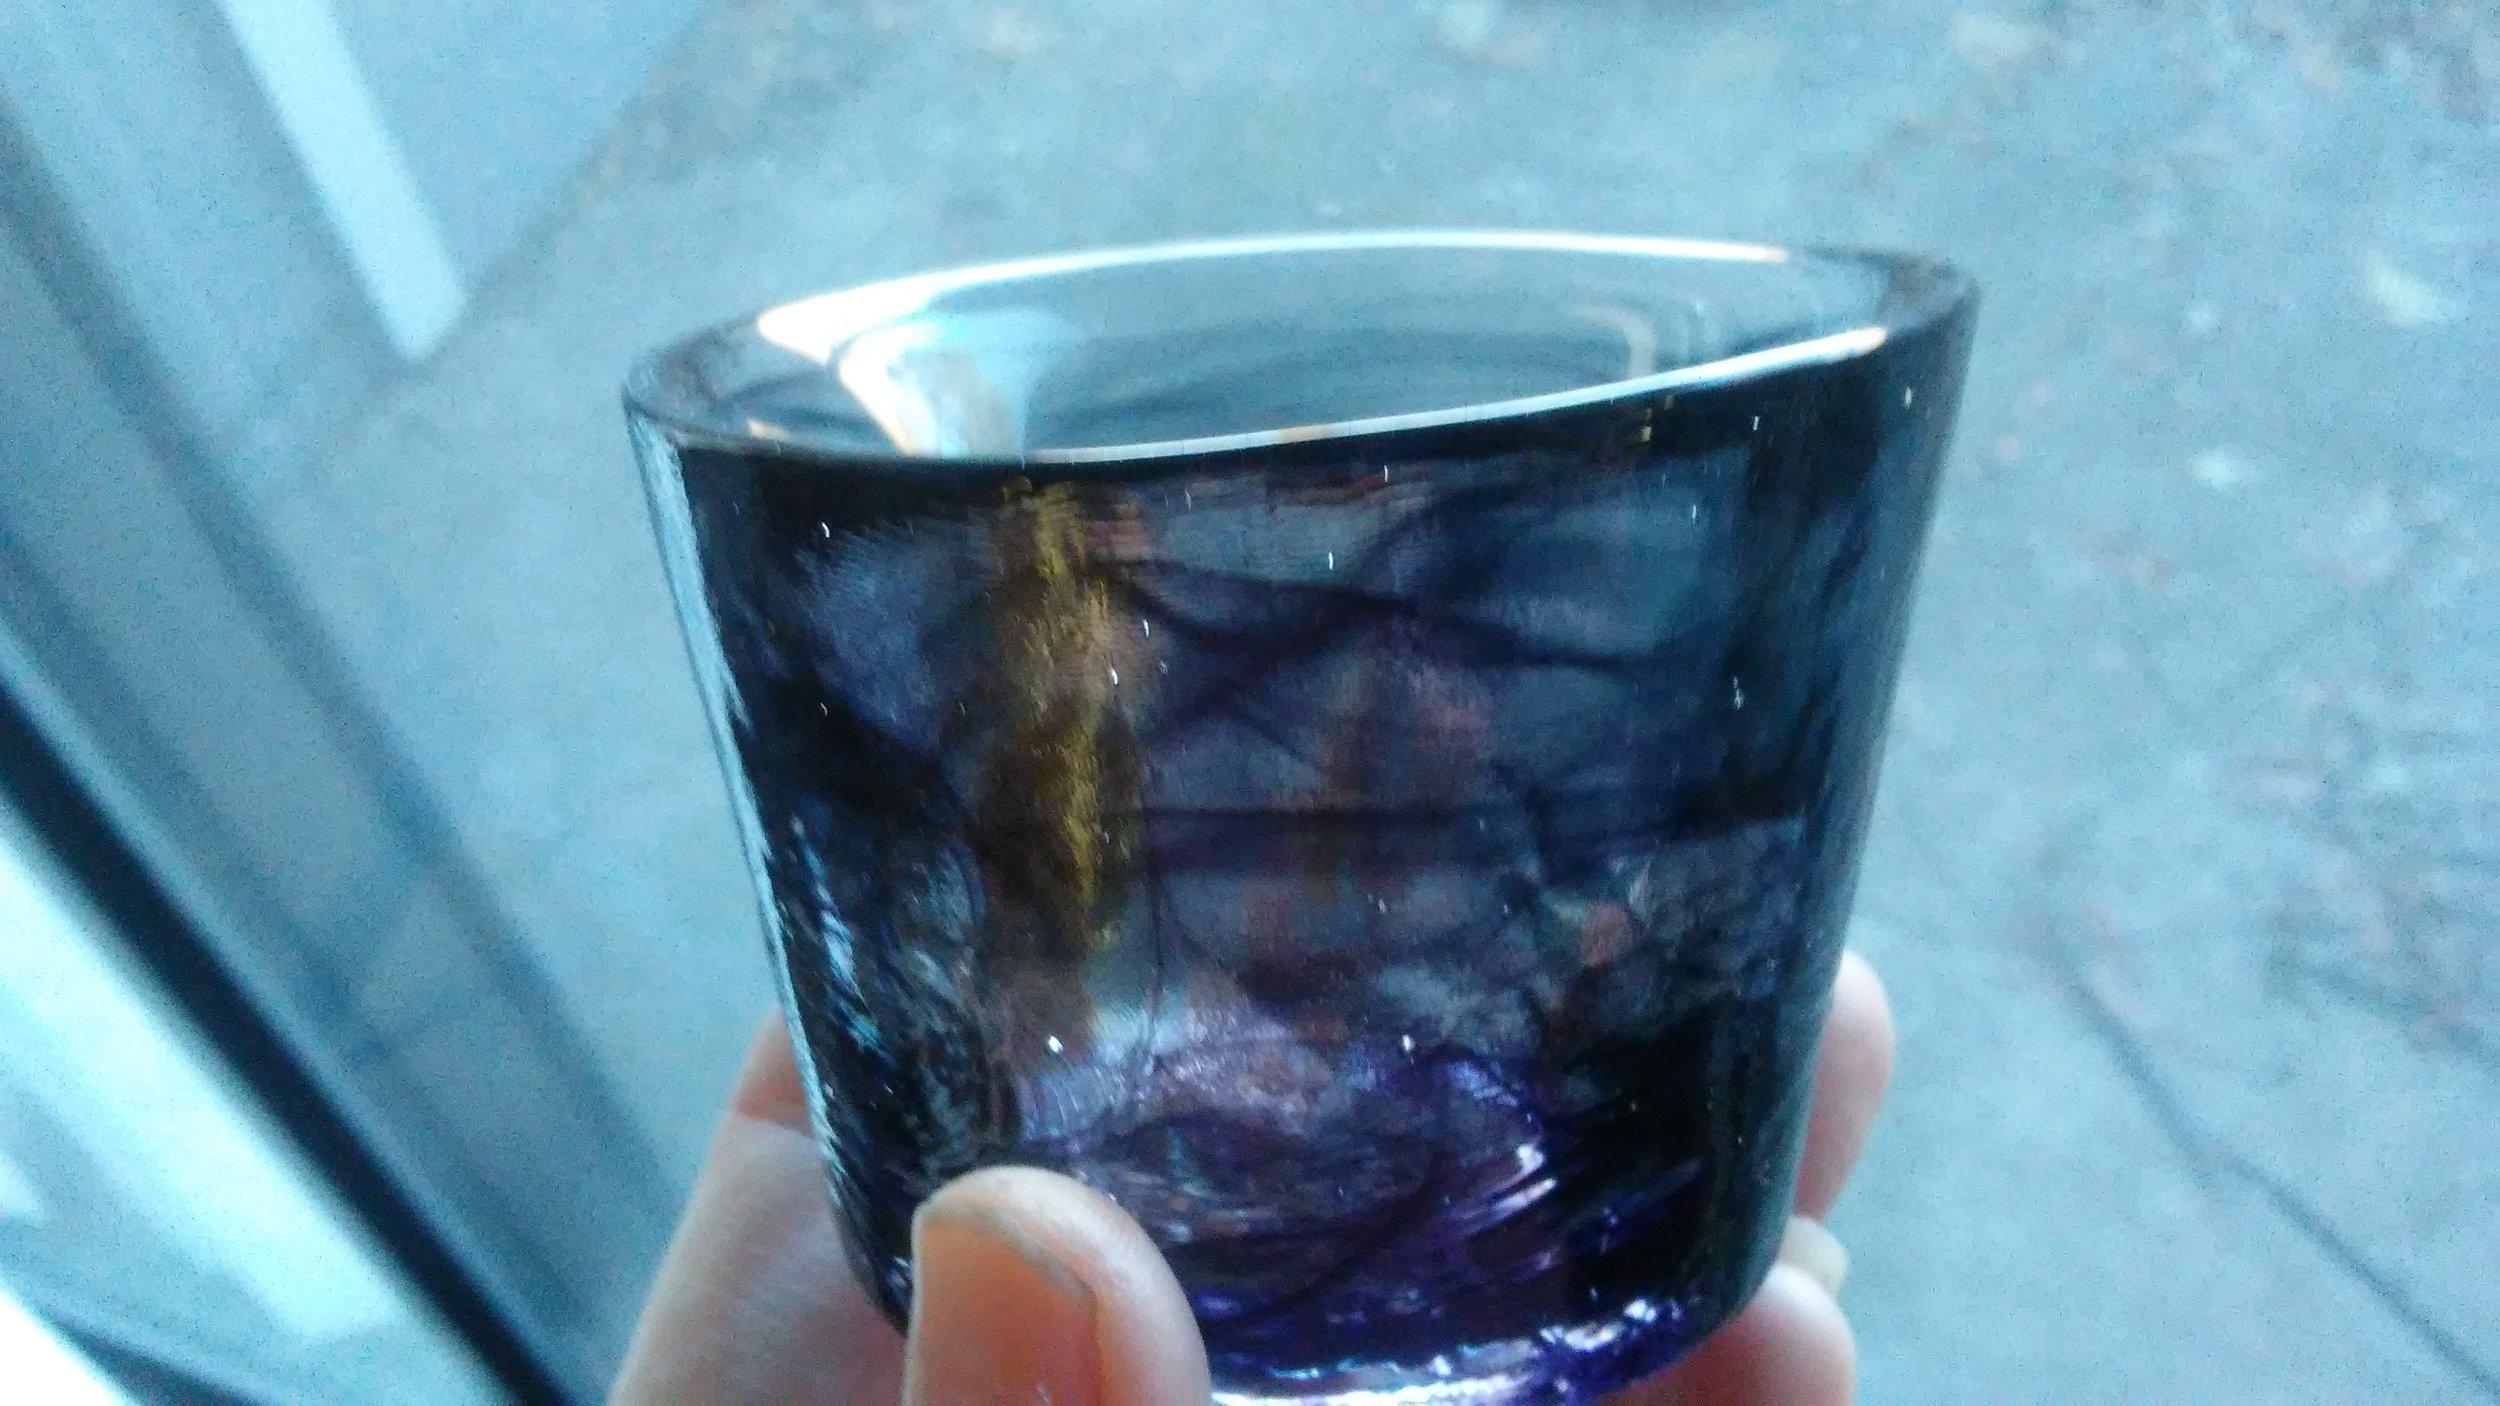 Black swirl Kosta Boda glass